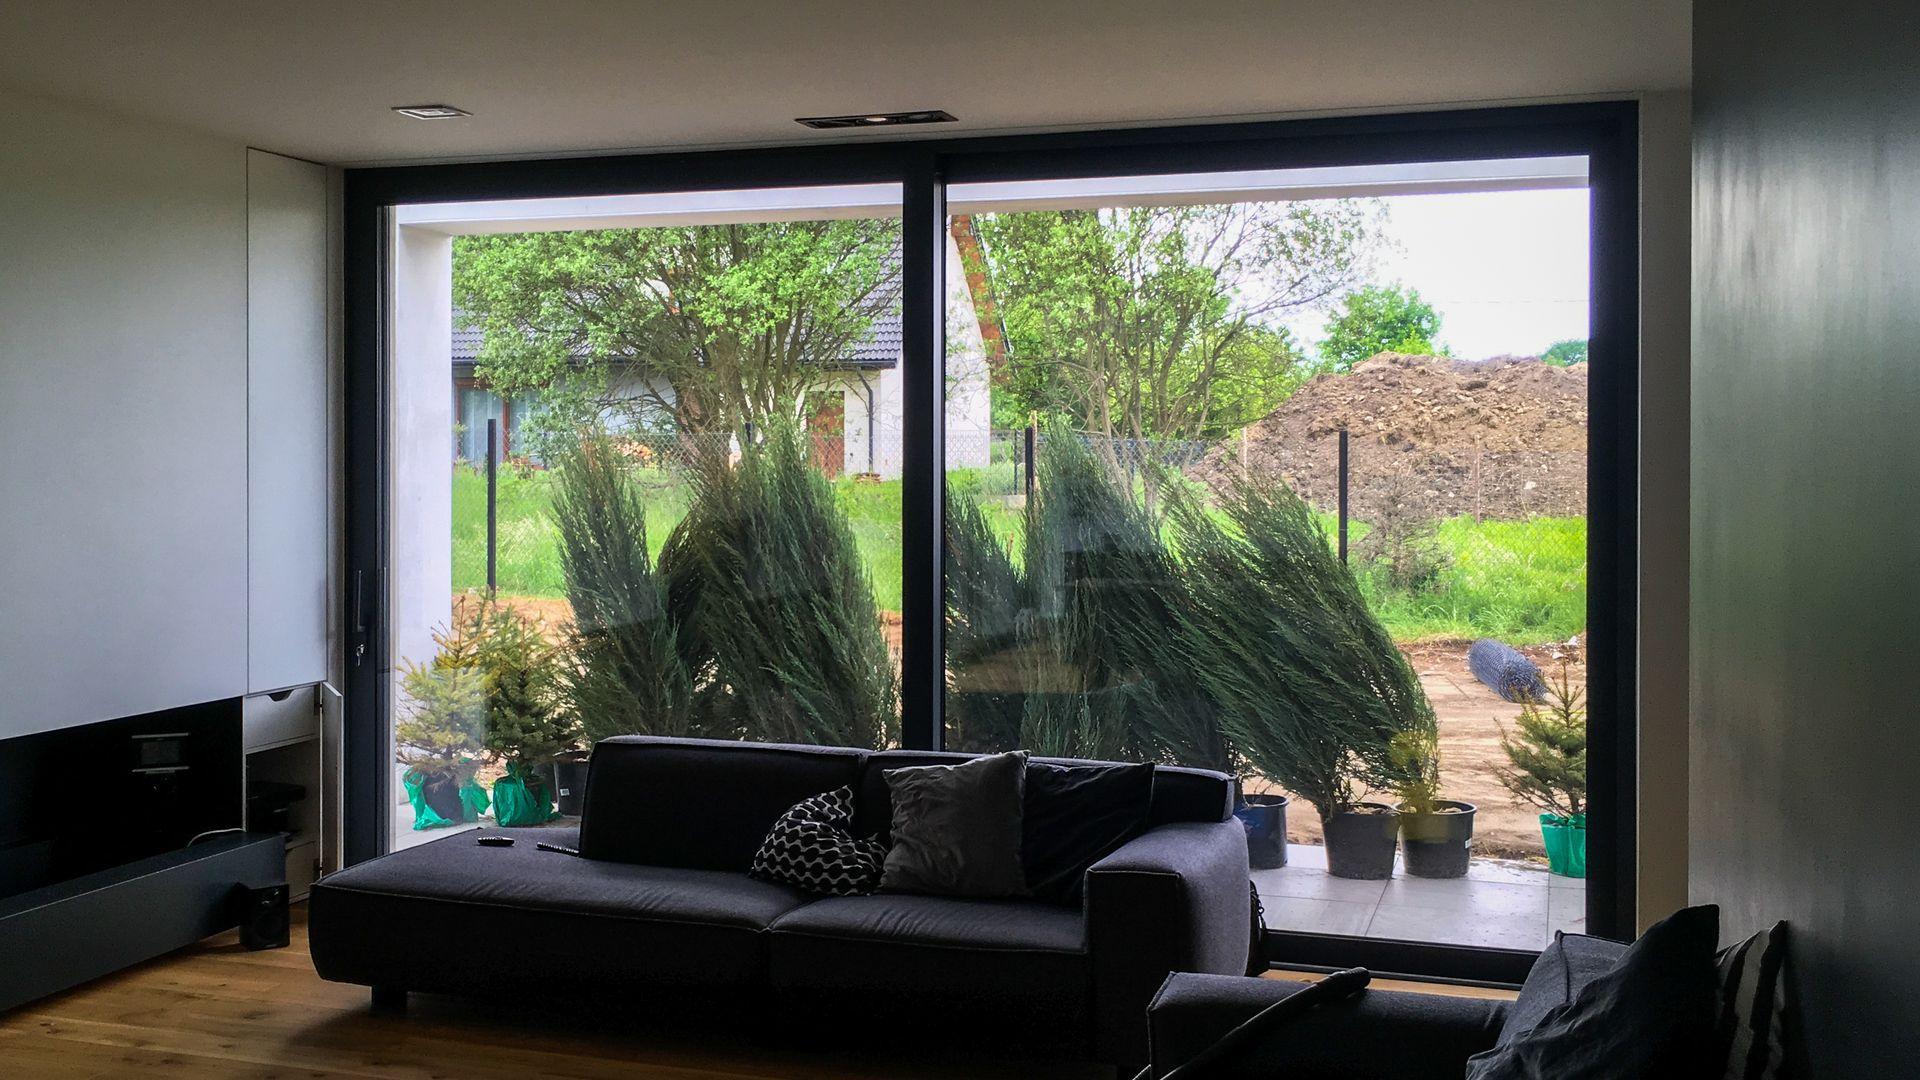 okno tarasowe przesuwne jasne ciche ciepłe nowoczesne wnętrze producent oknowent